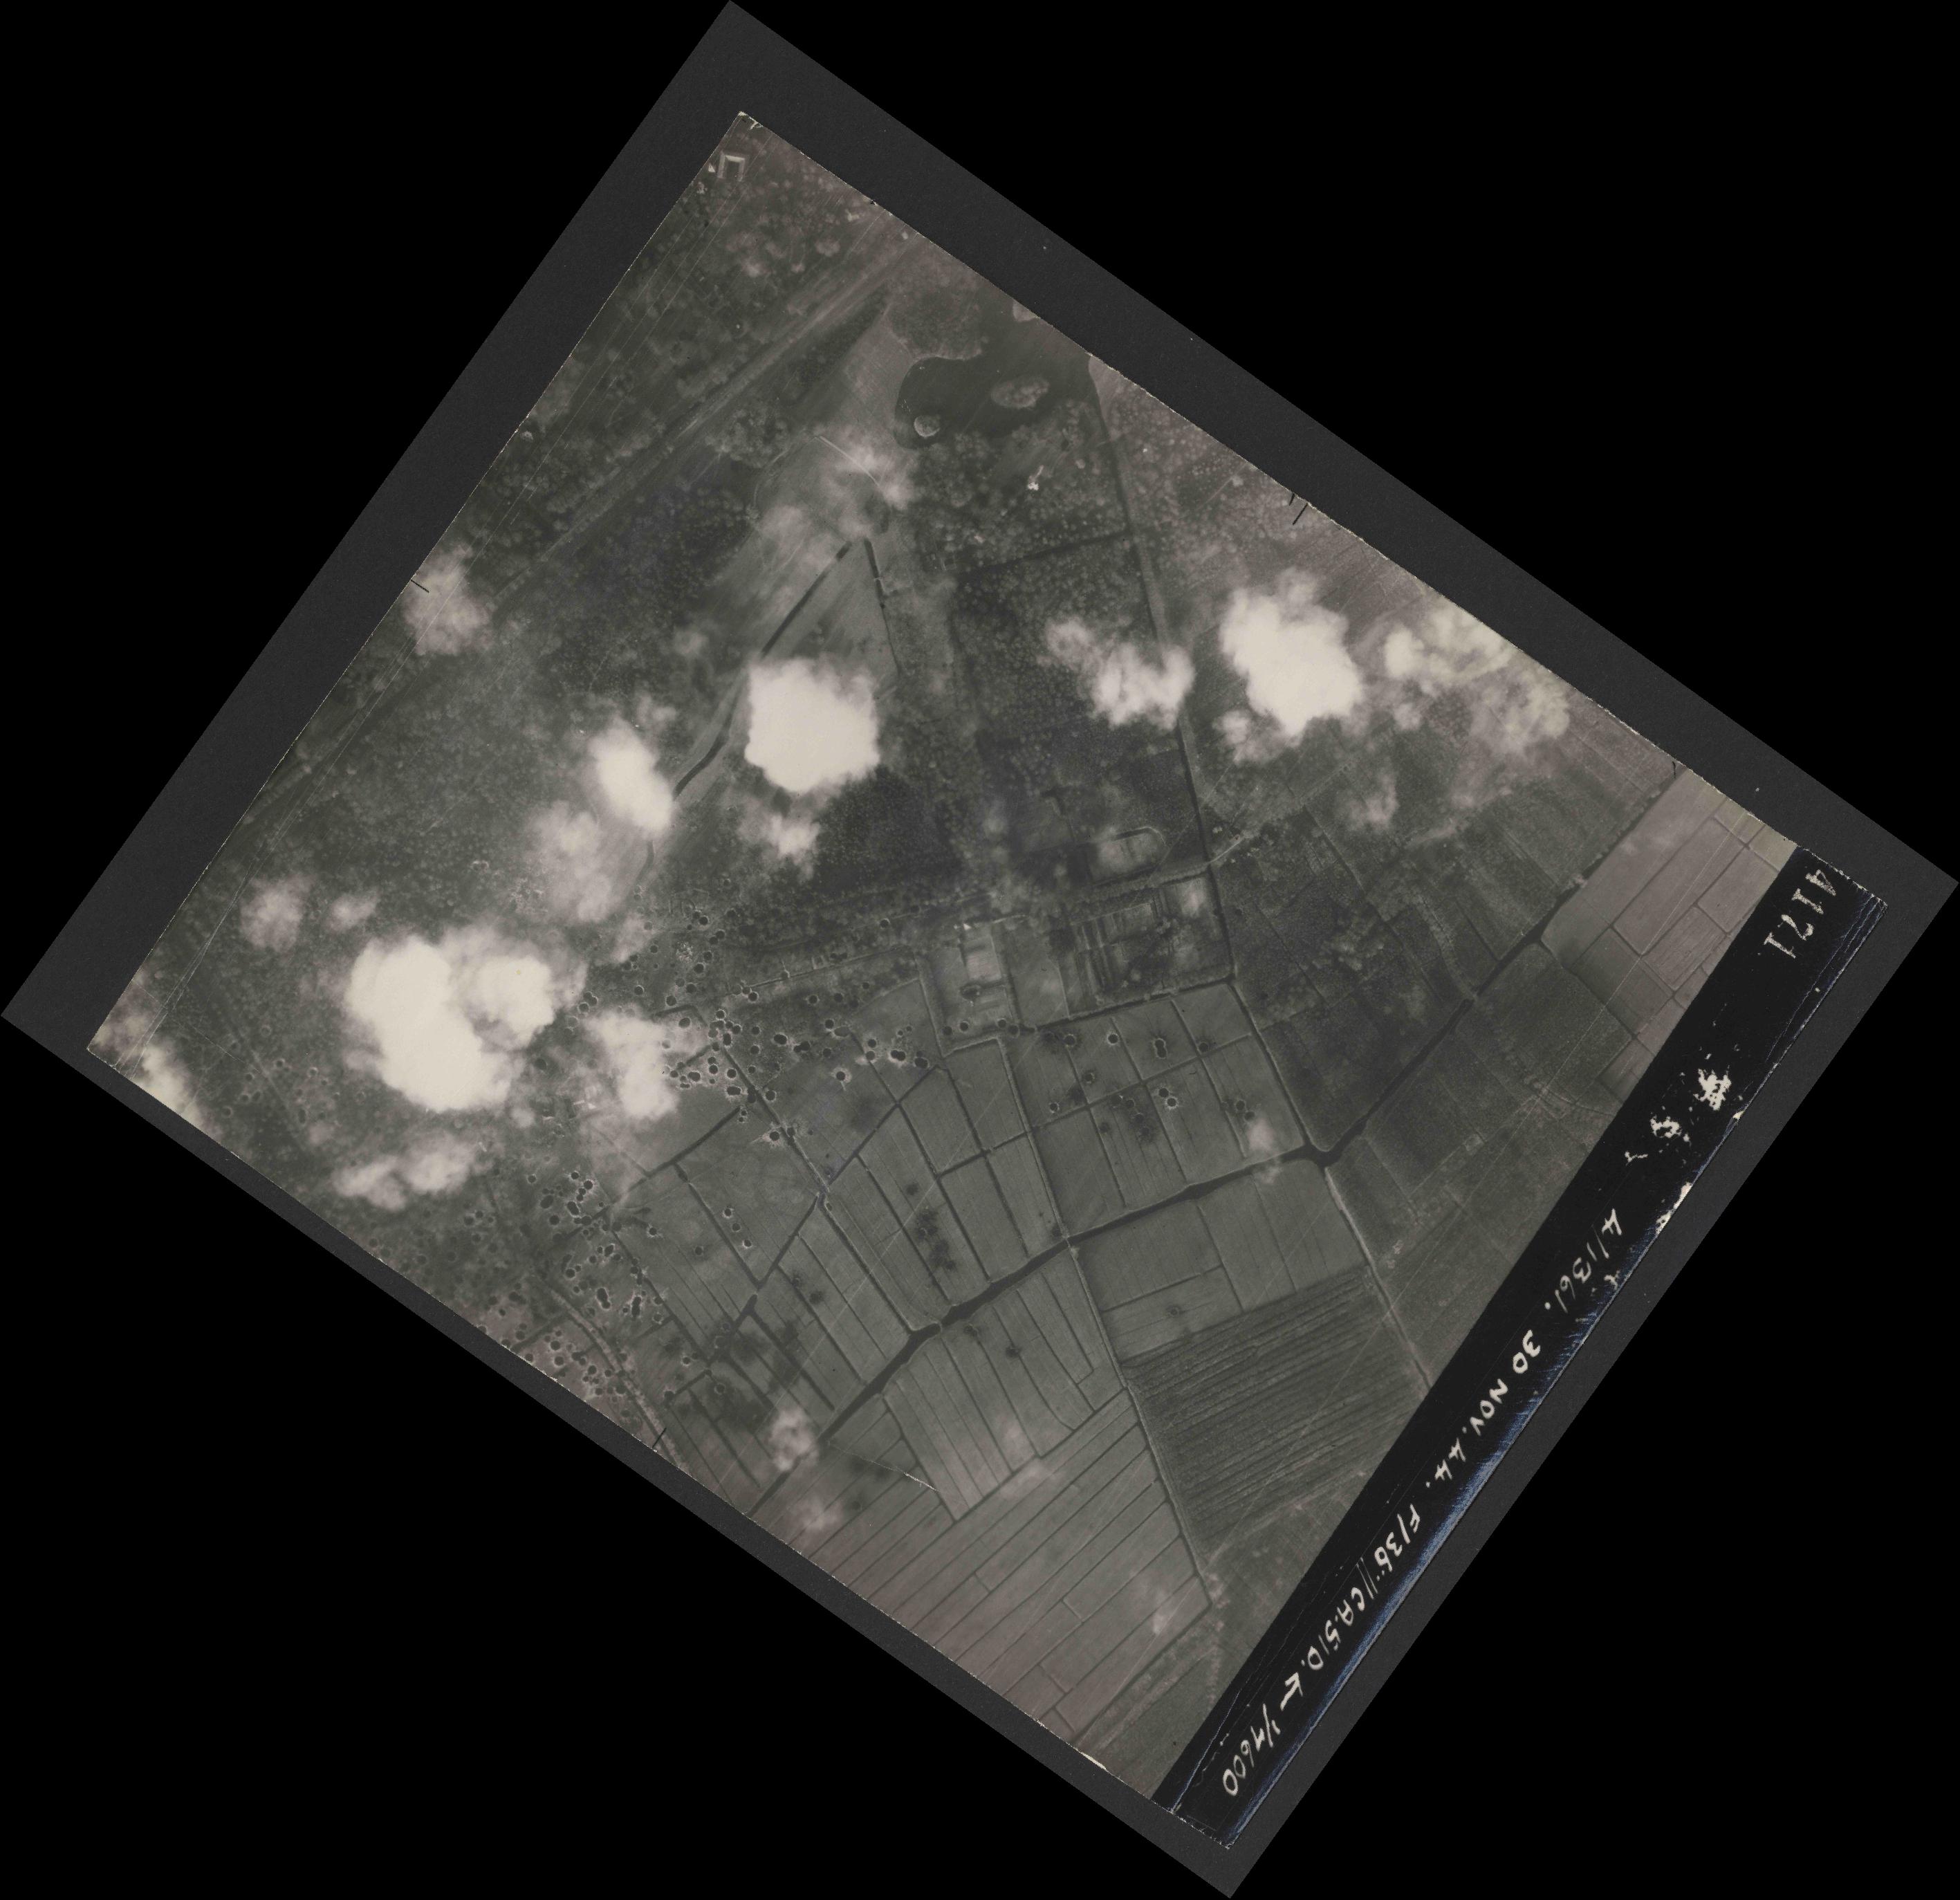 Collection RAF aerial photos 1940-1945 - flight 151, run 04, photo 4171